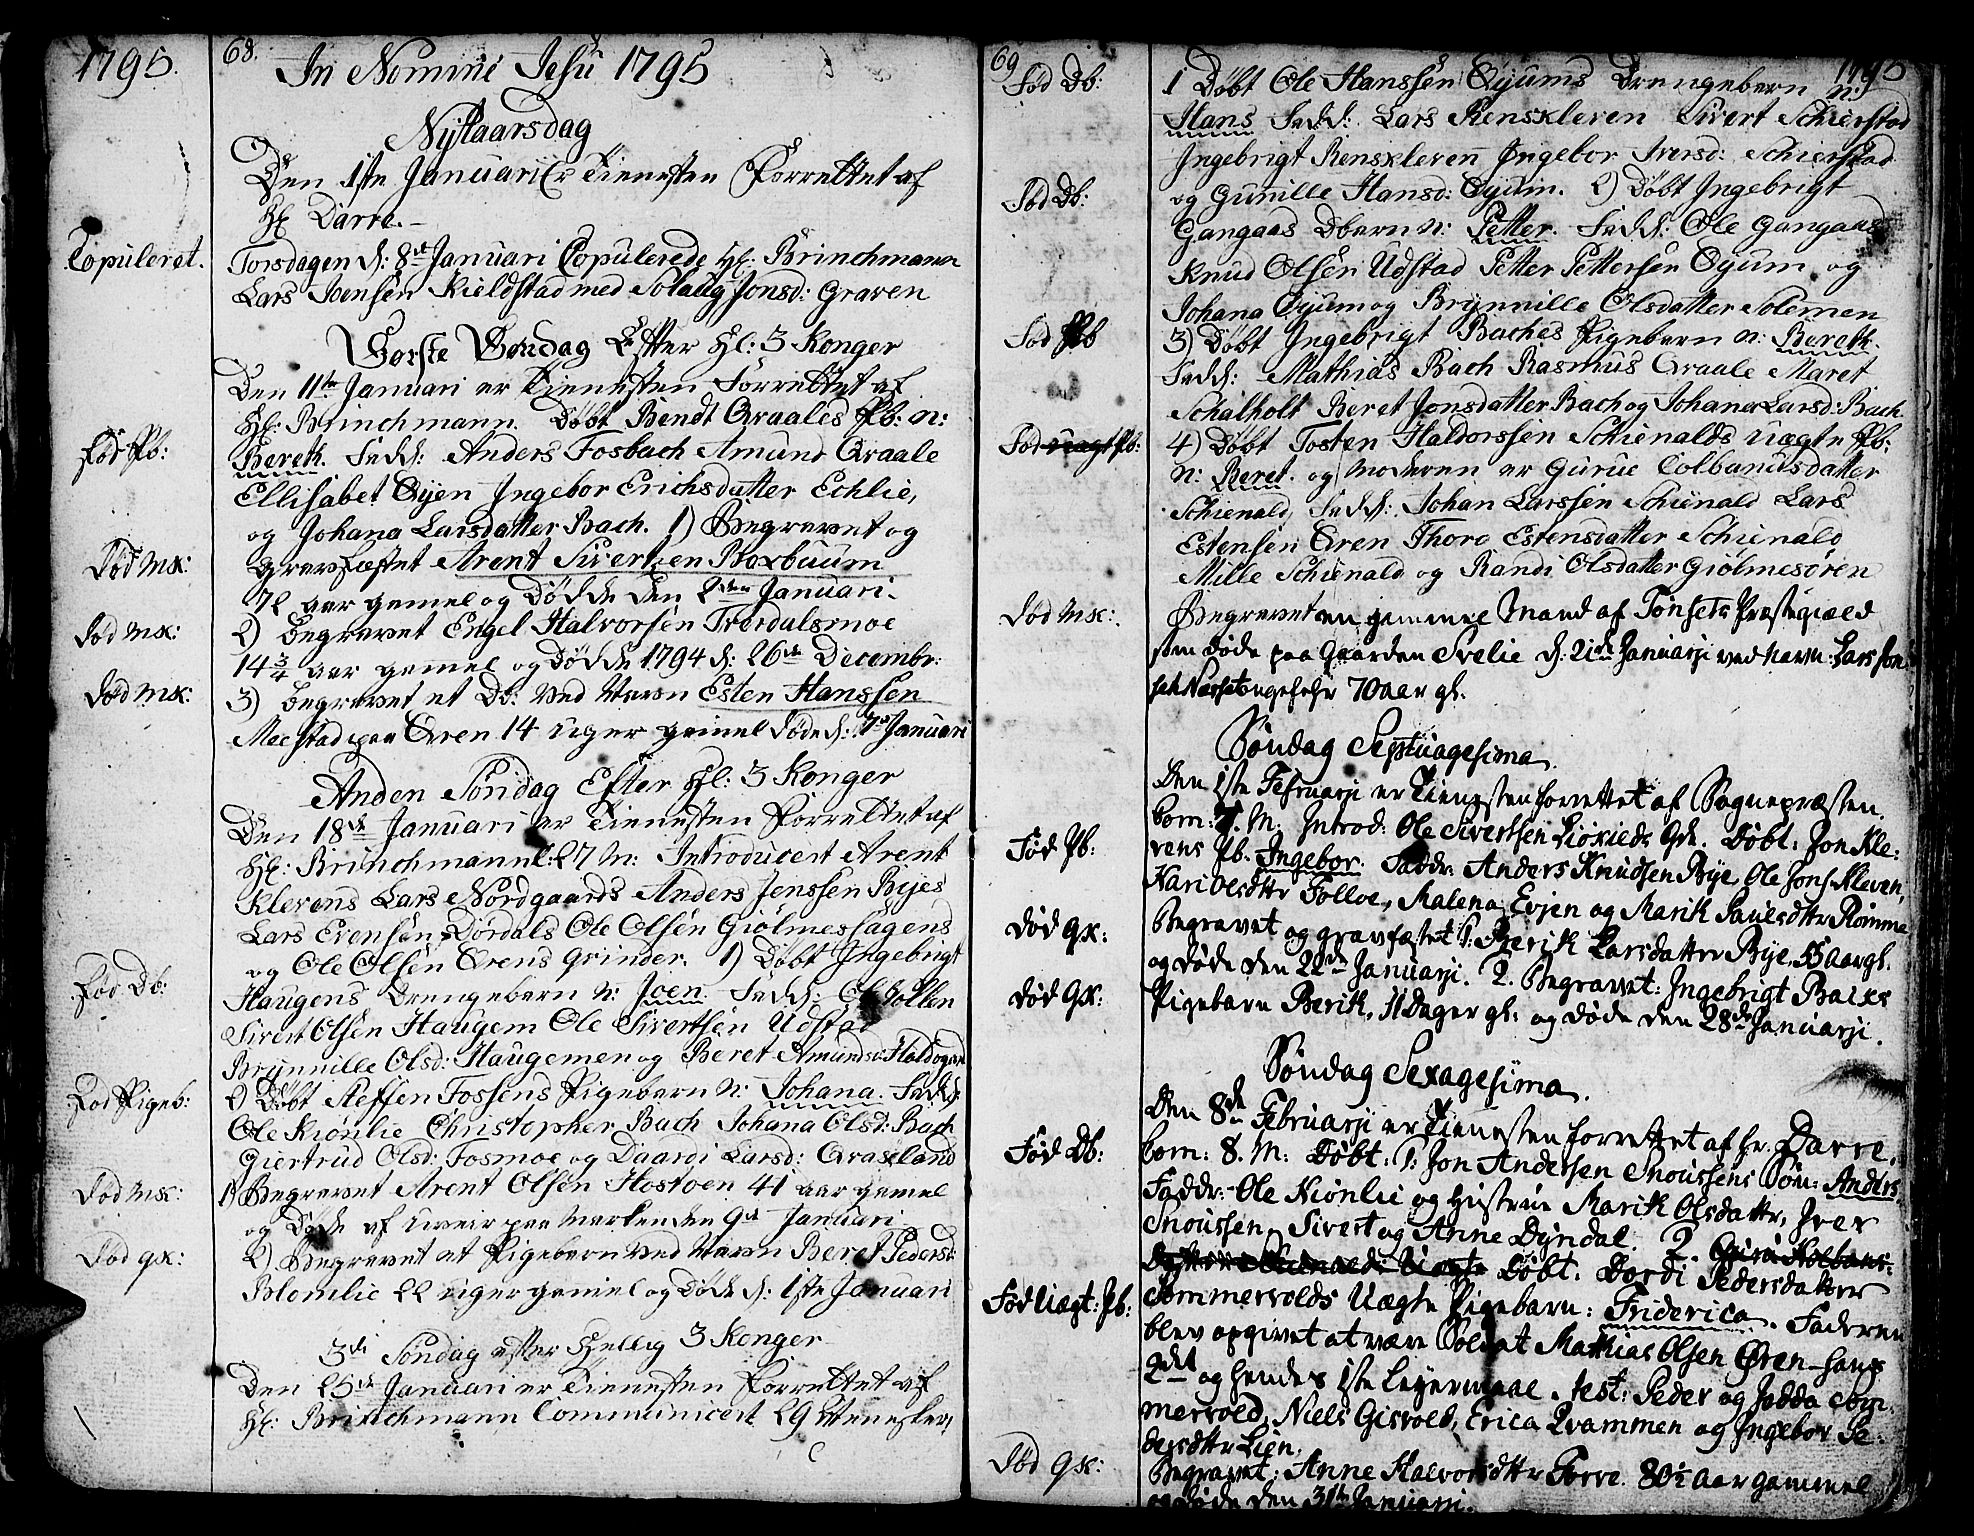 SAT, Ministerialprotokoller, klokkerbøker og fødselsregistre - Sør-Trøndelag, 668/L0815: Klokkerbok nr. 668C04, 1791-1815, s. 68-69